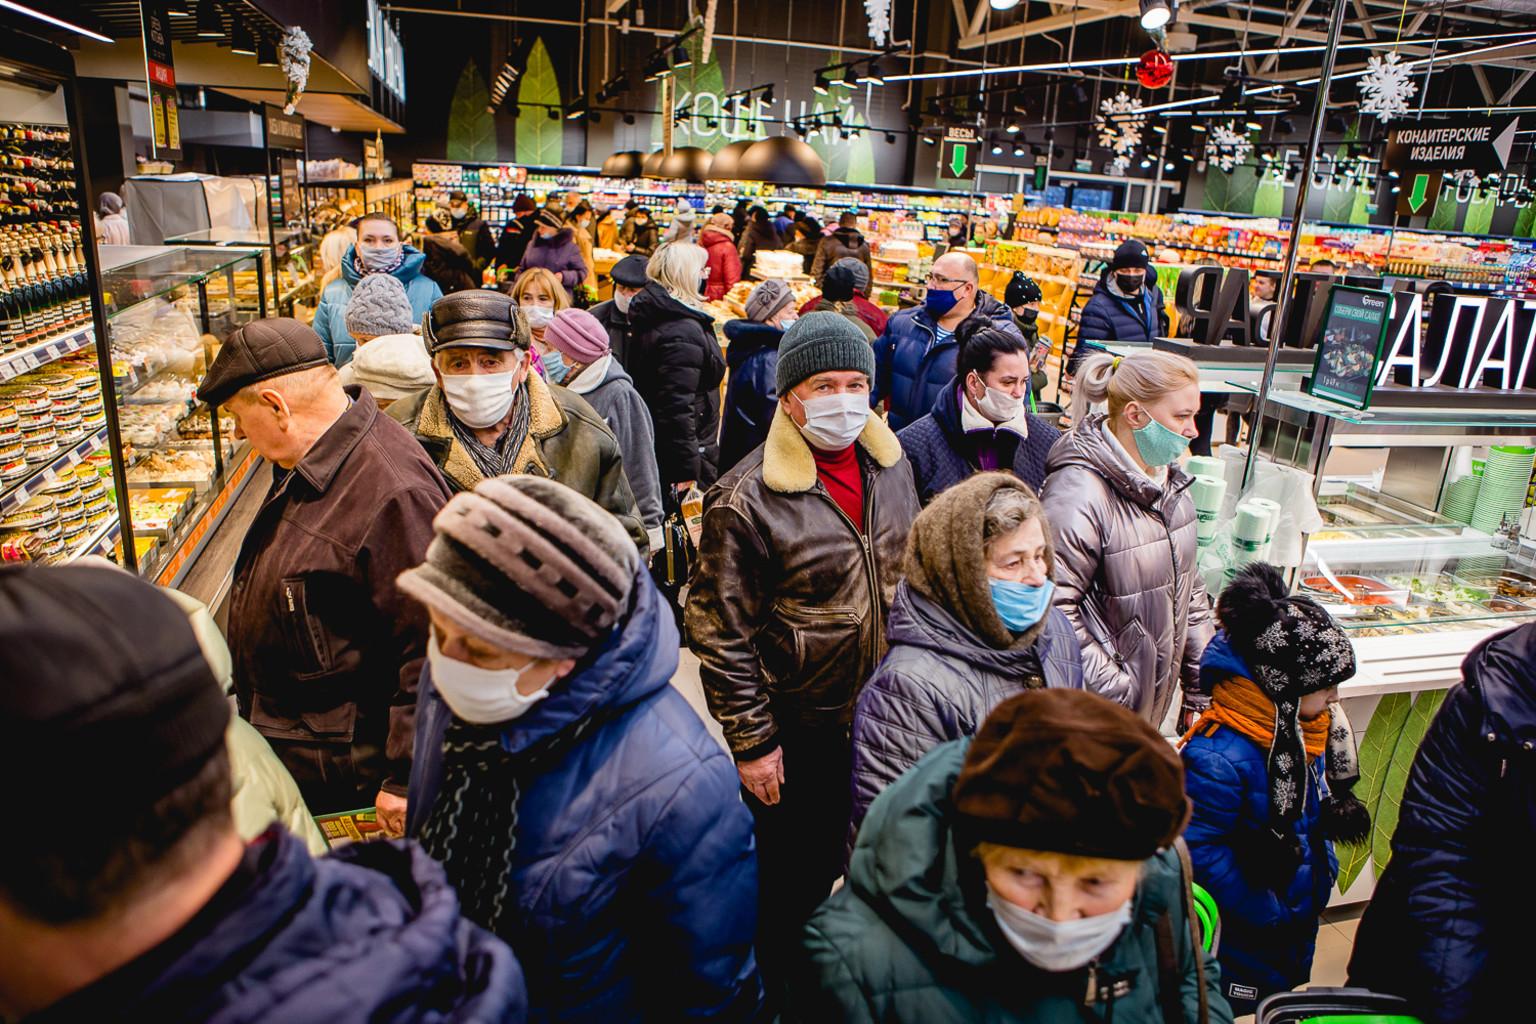 Теперь рис, масло, яйца и сыр. Green в Борисове и Жодино продолжает удивлять низкими ценами